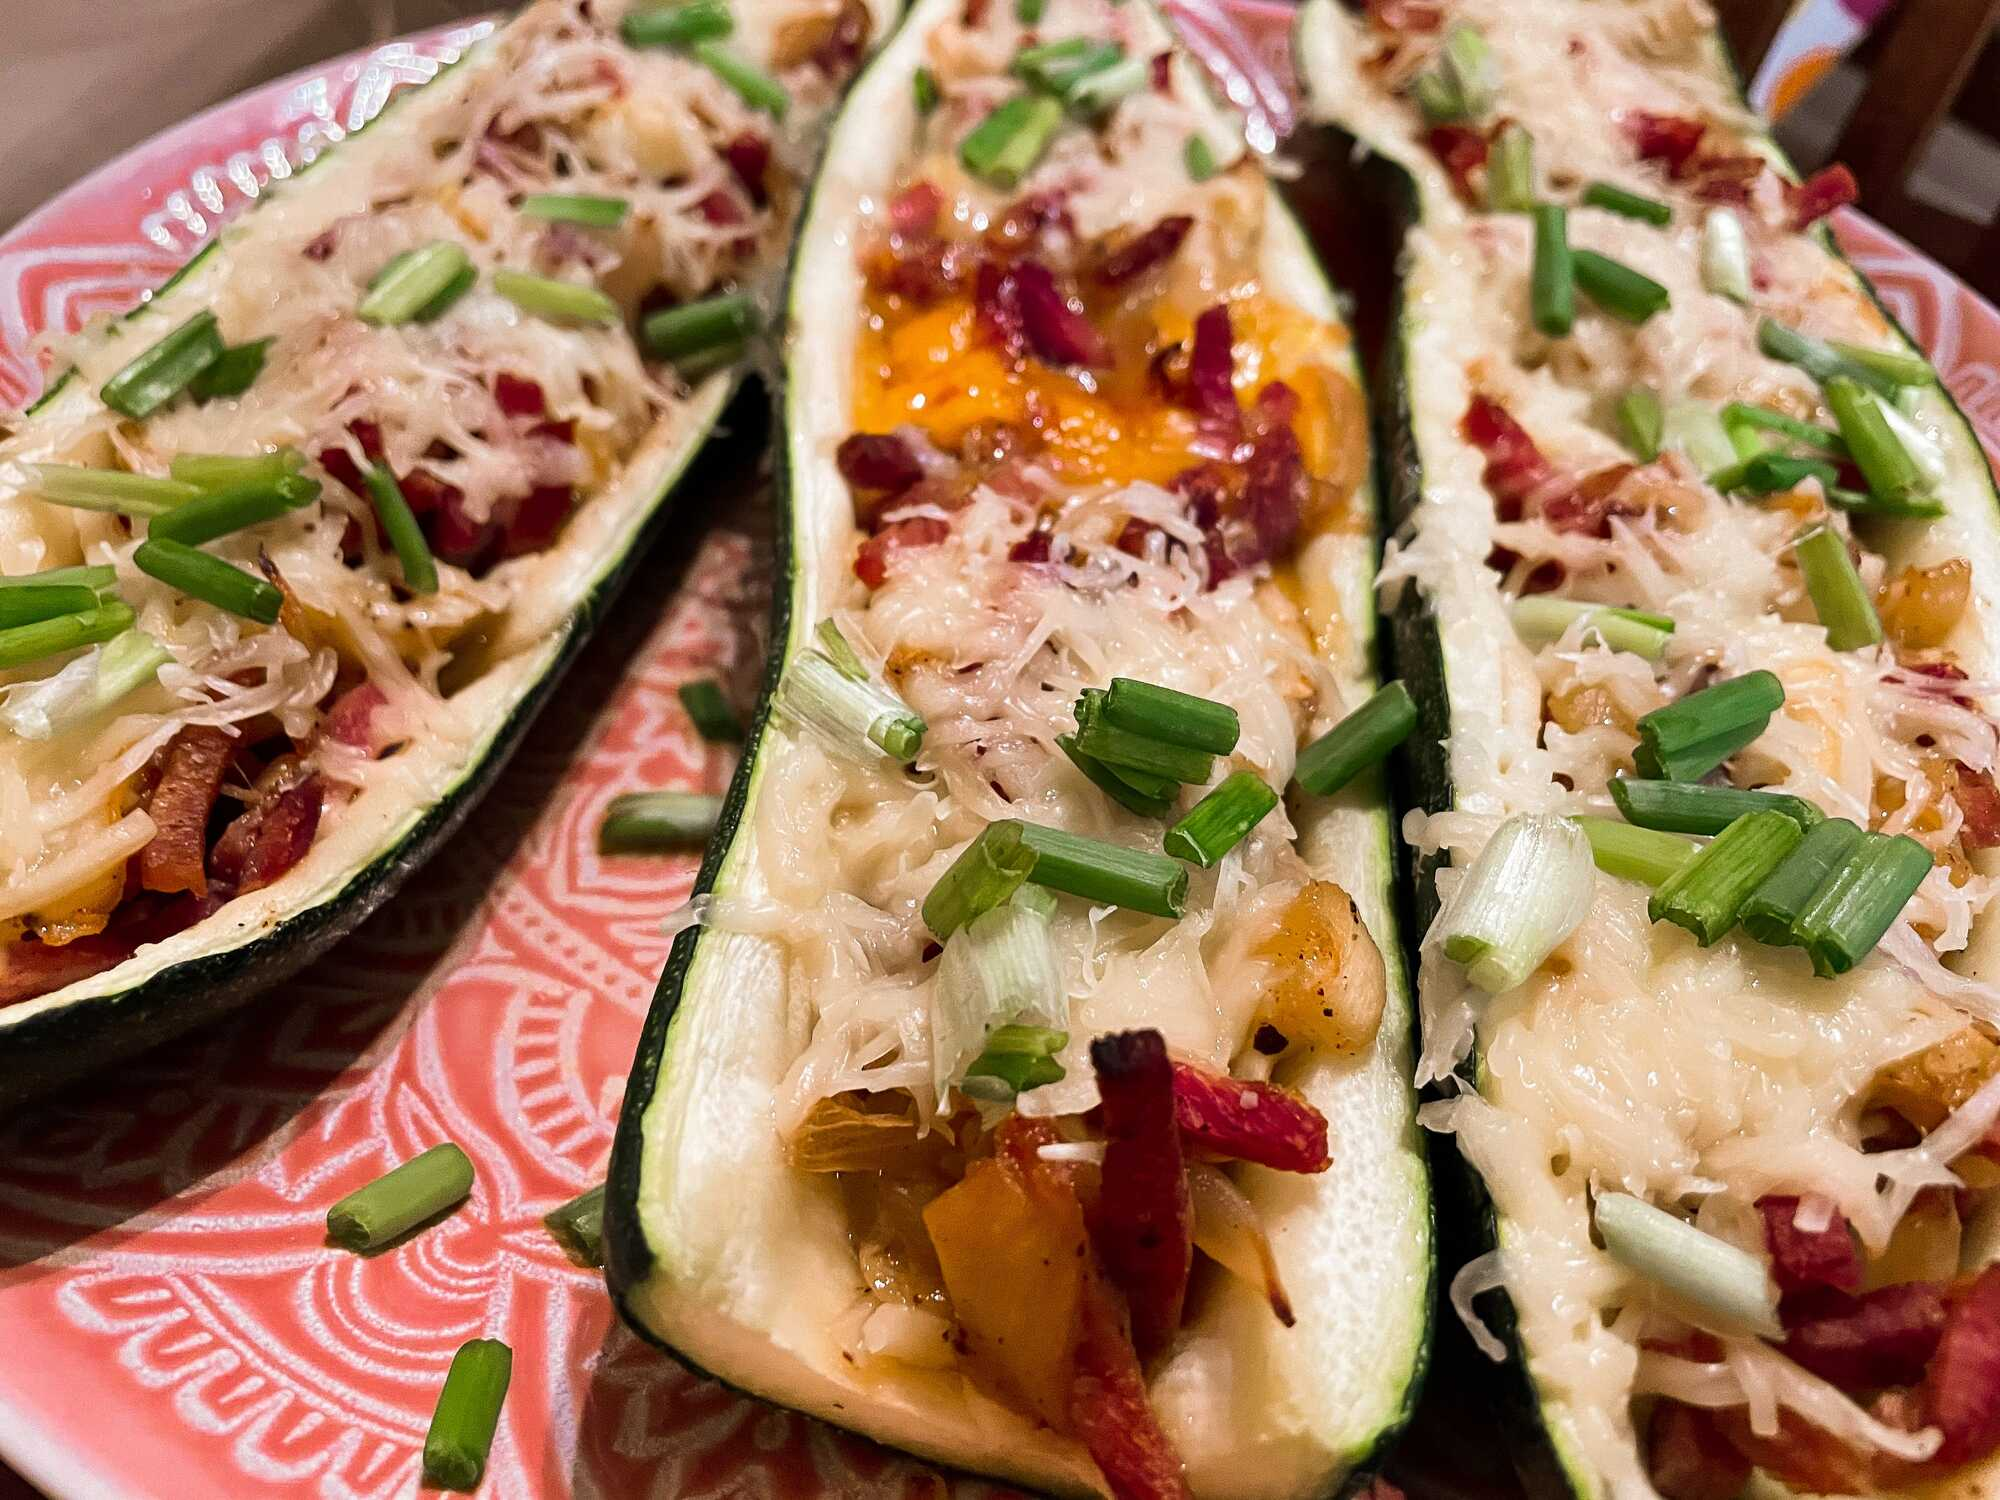 Les courgettes sont farcies de lardons, oeufs et fromage râpé et elles sont placées sur une assiette plate rose.